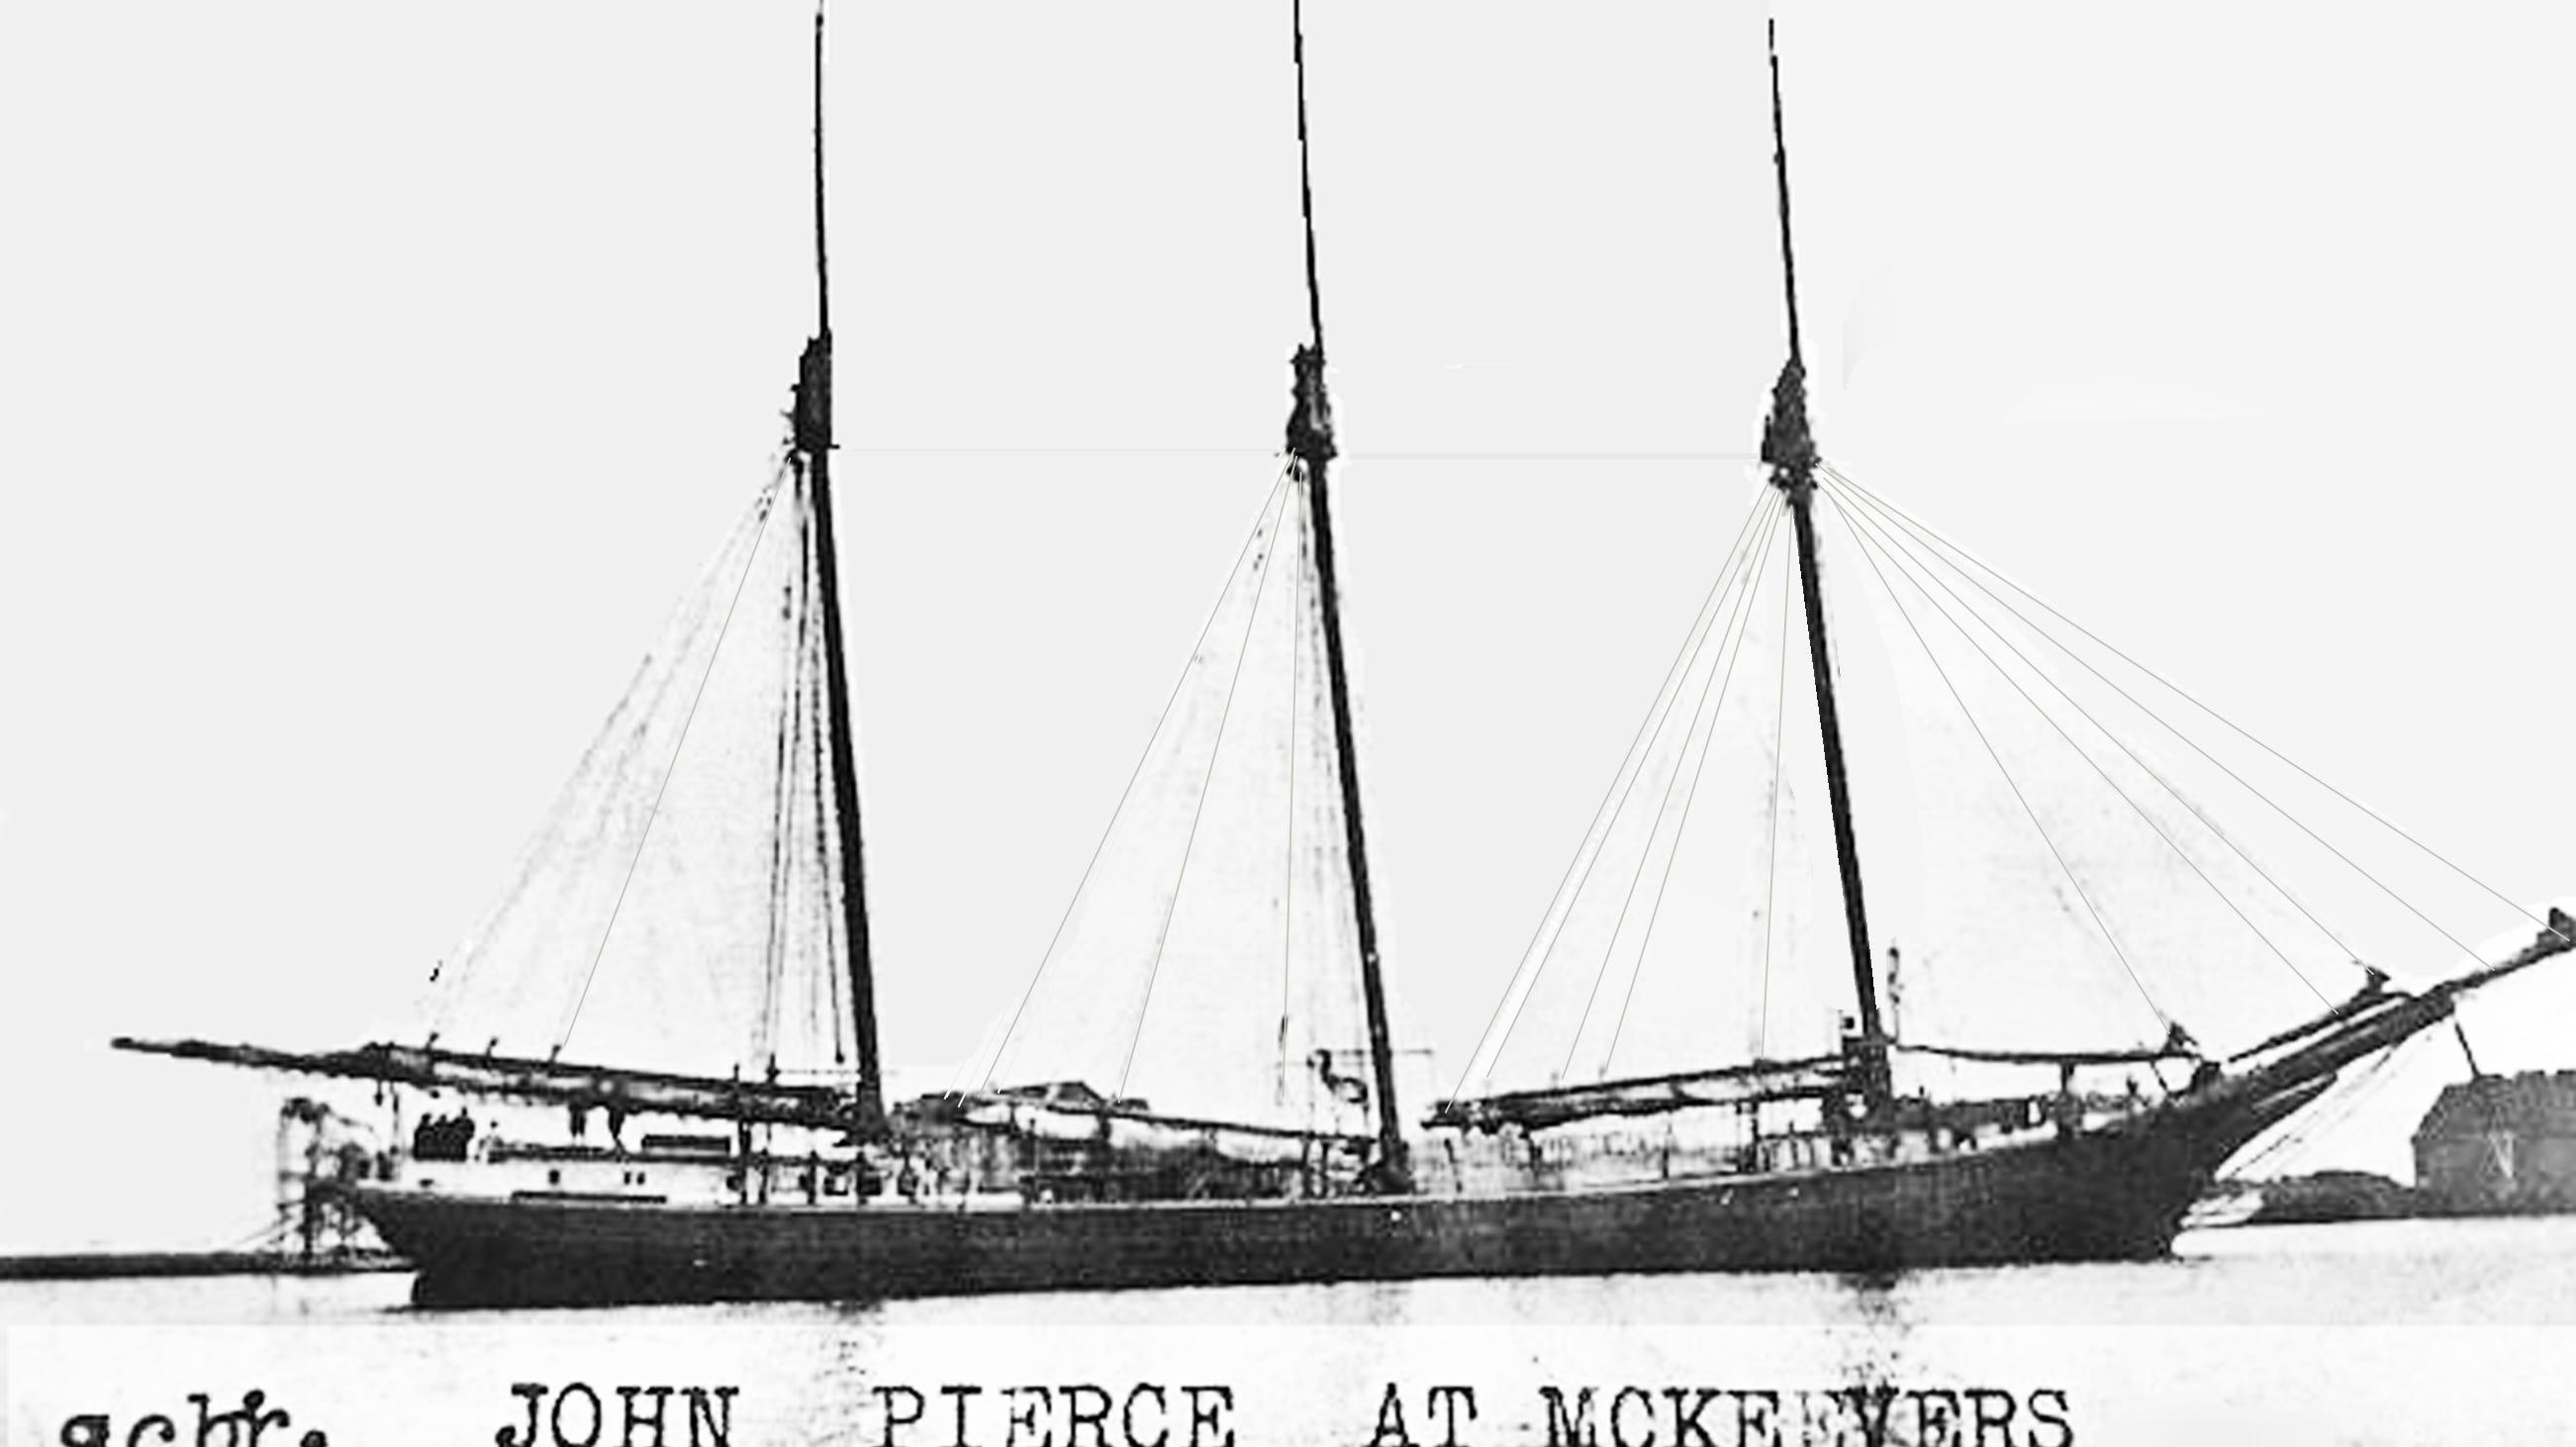 Who owned the Schooner John Pierce?